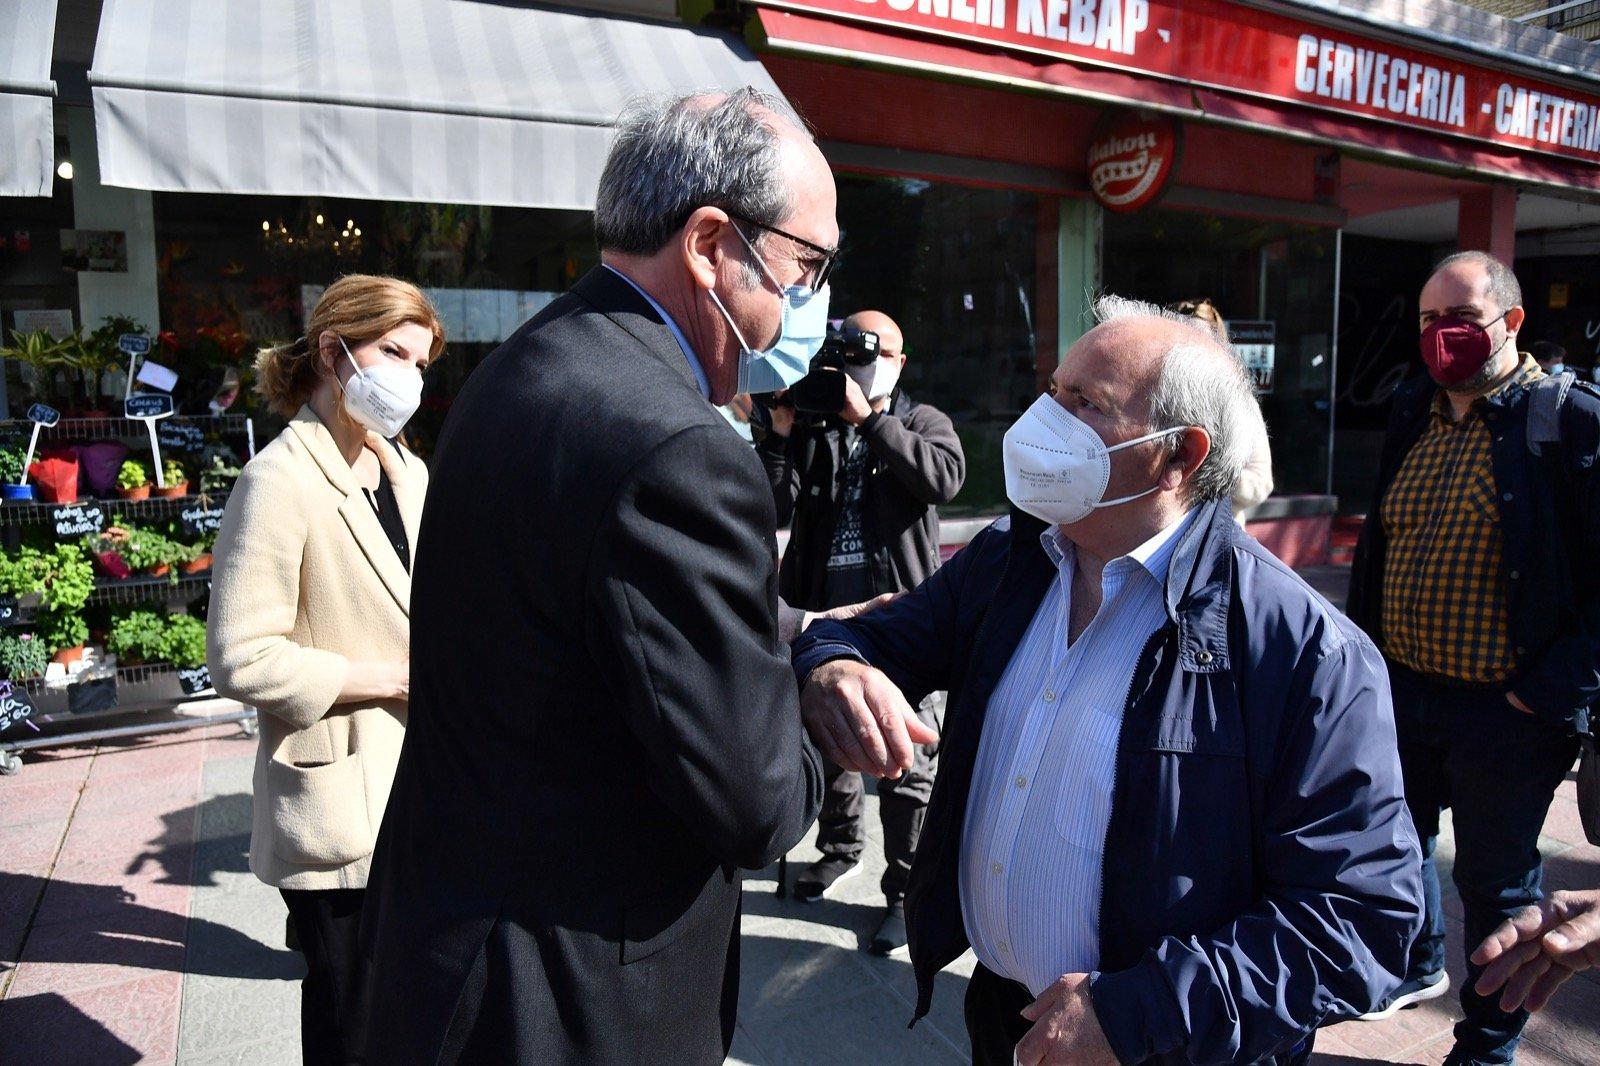 Gabilondo propone un Gobierno sin extremismos y centrado en la recuperación 2